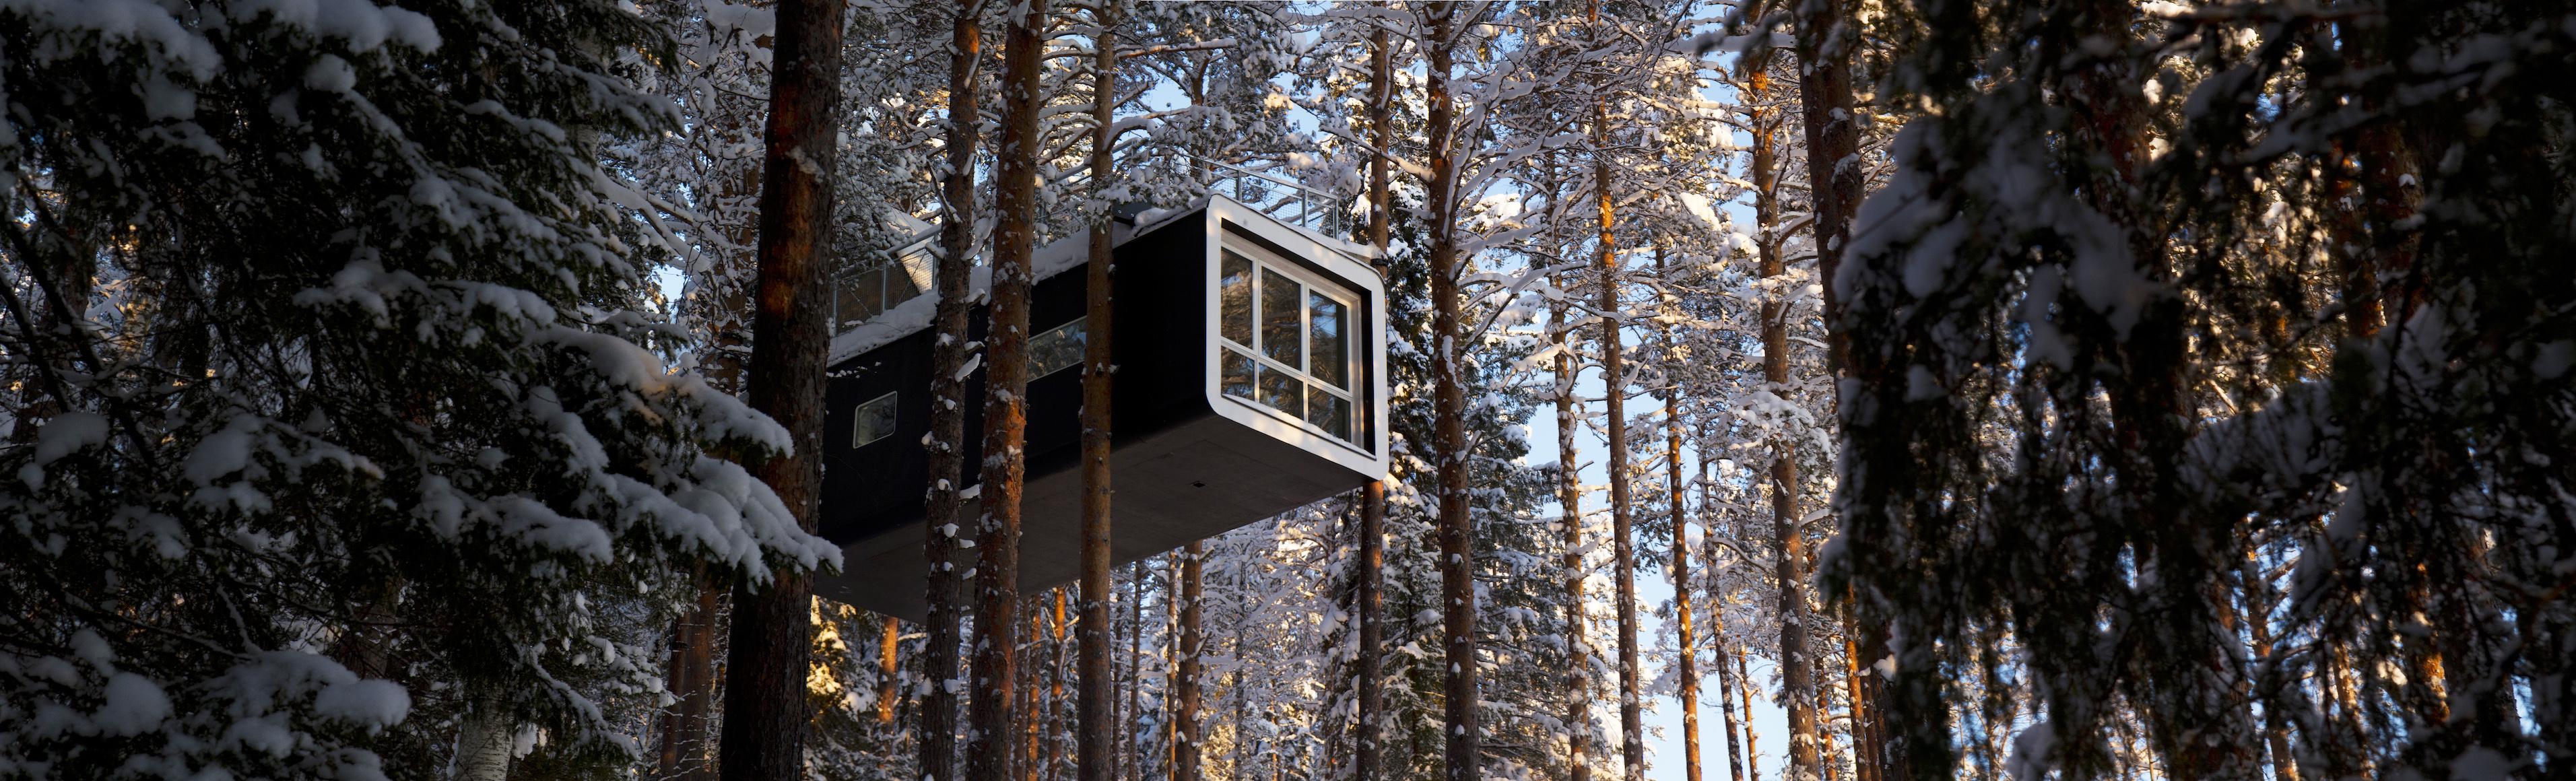 Supertrips - Natuurhuisjes in Zweden